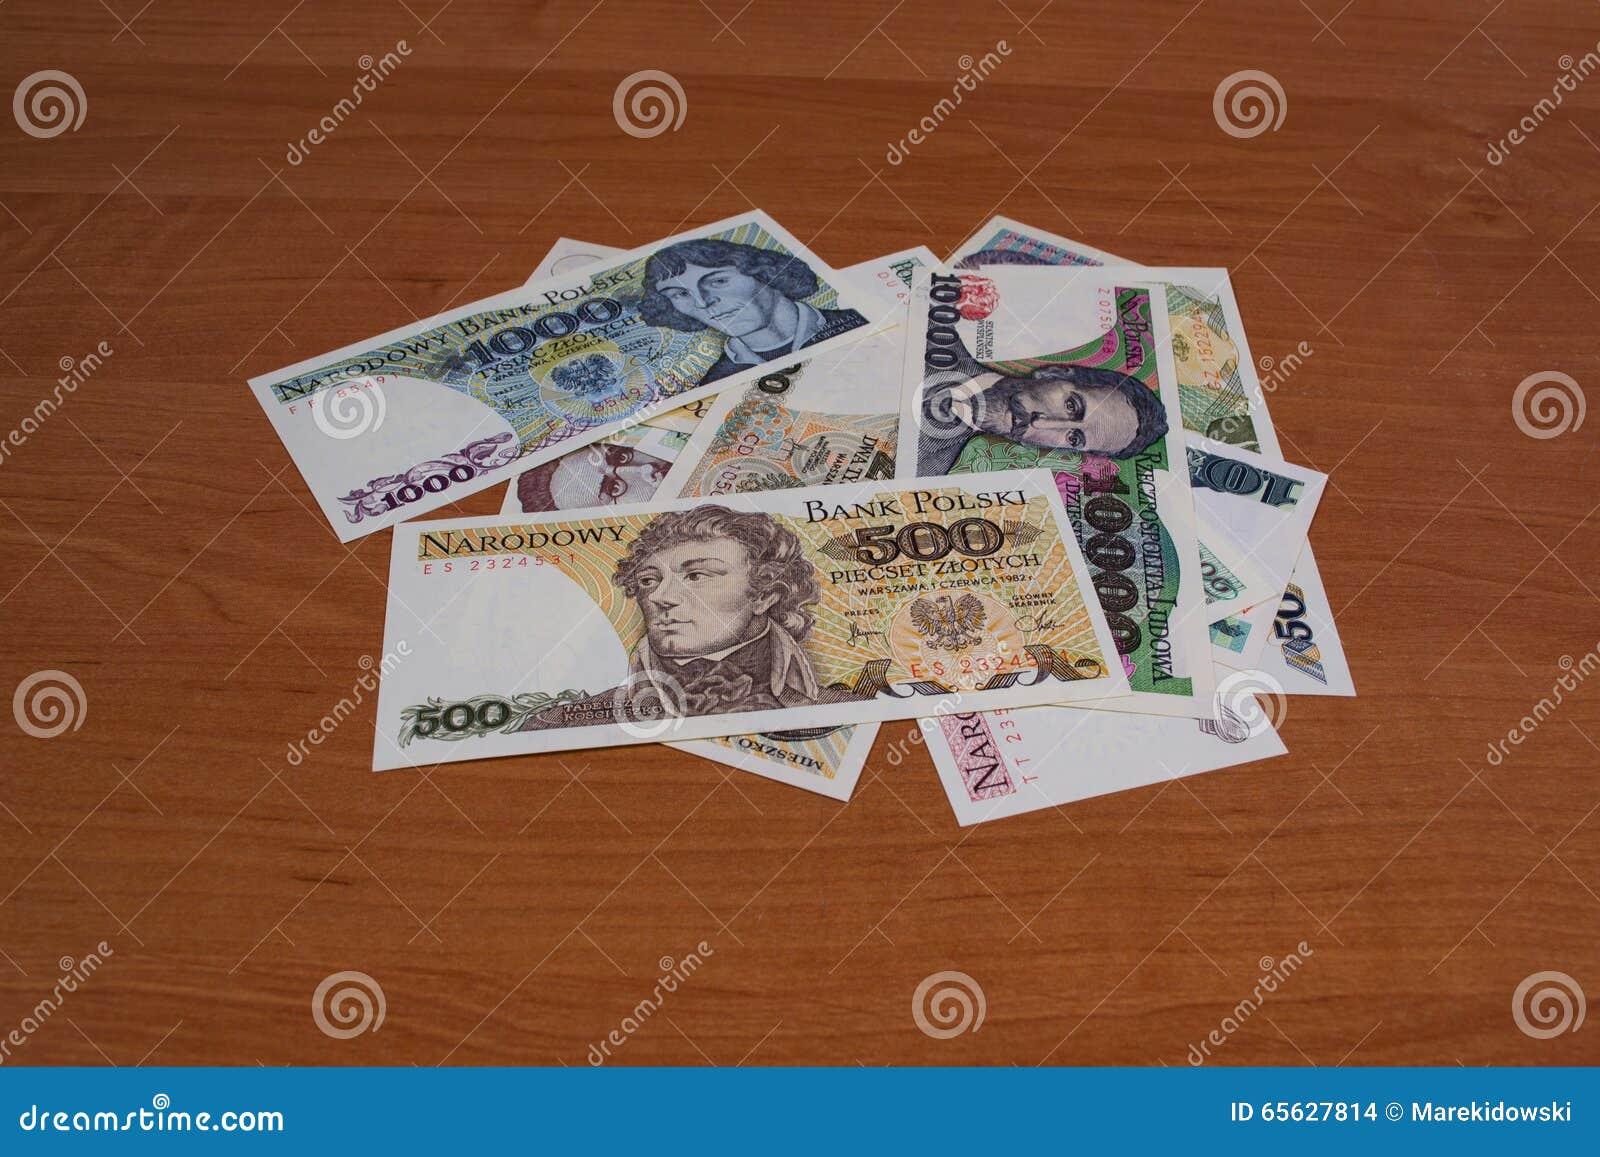 La République populaire polonaise collectable de billets de banque